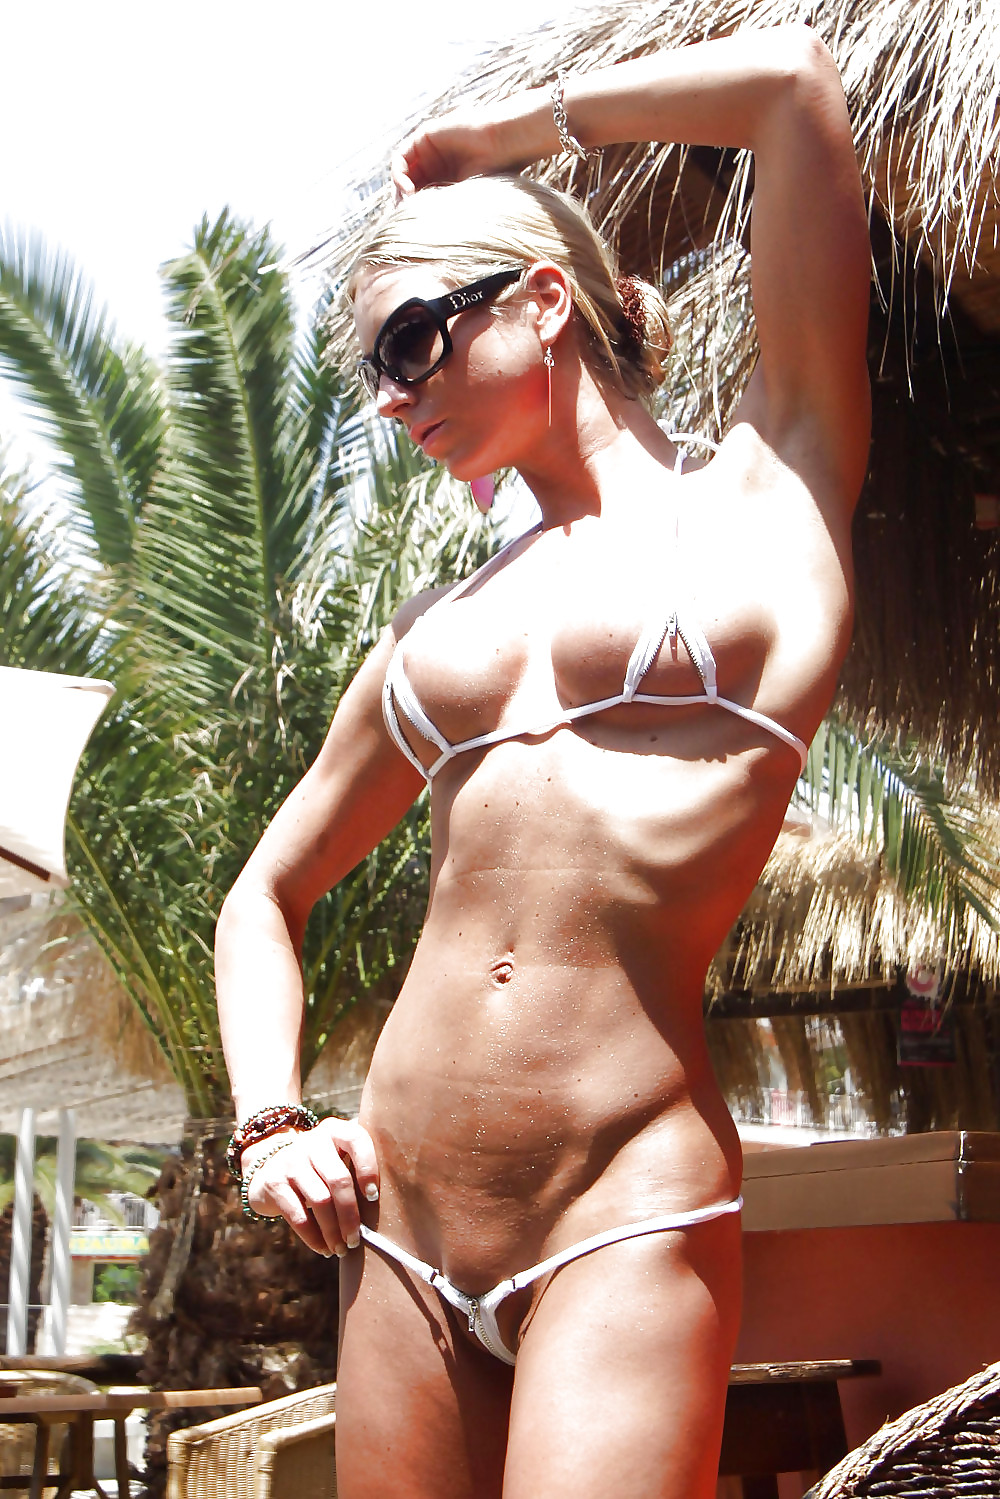 везде система фото голых зрелых женщин в мини бикини богатая категория домашняя